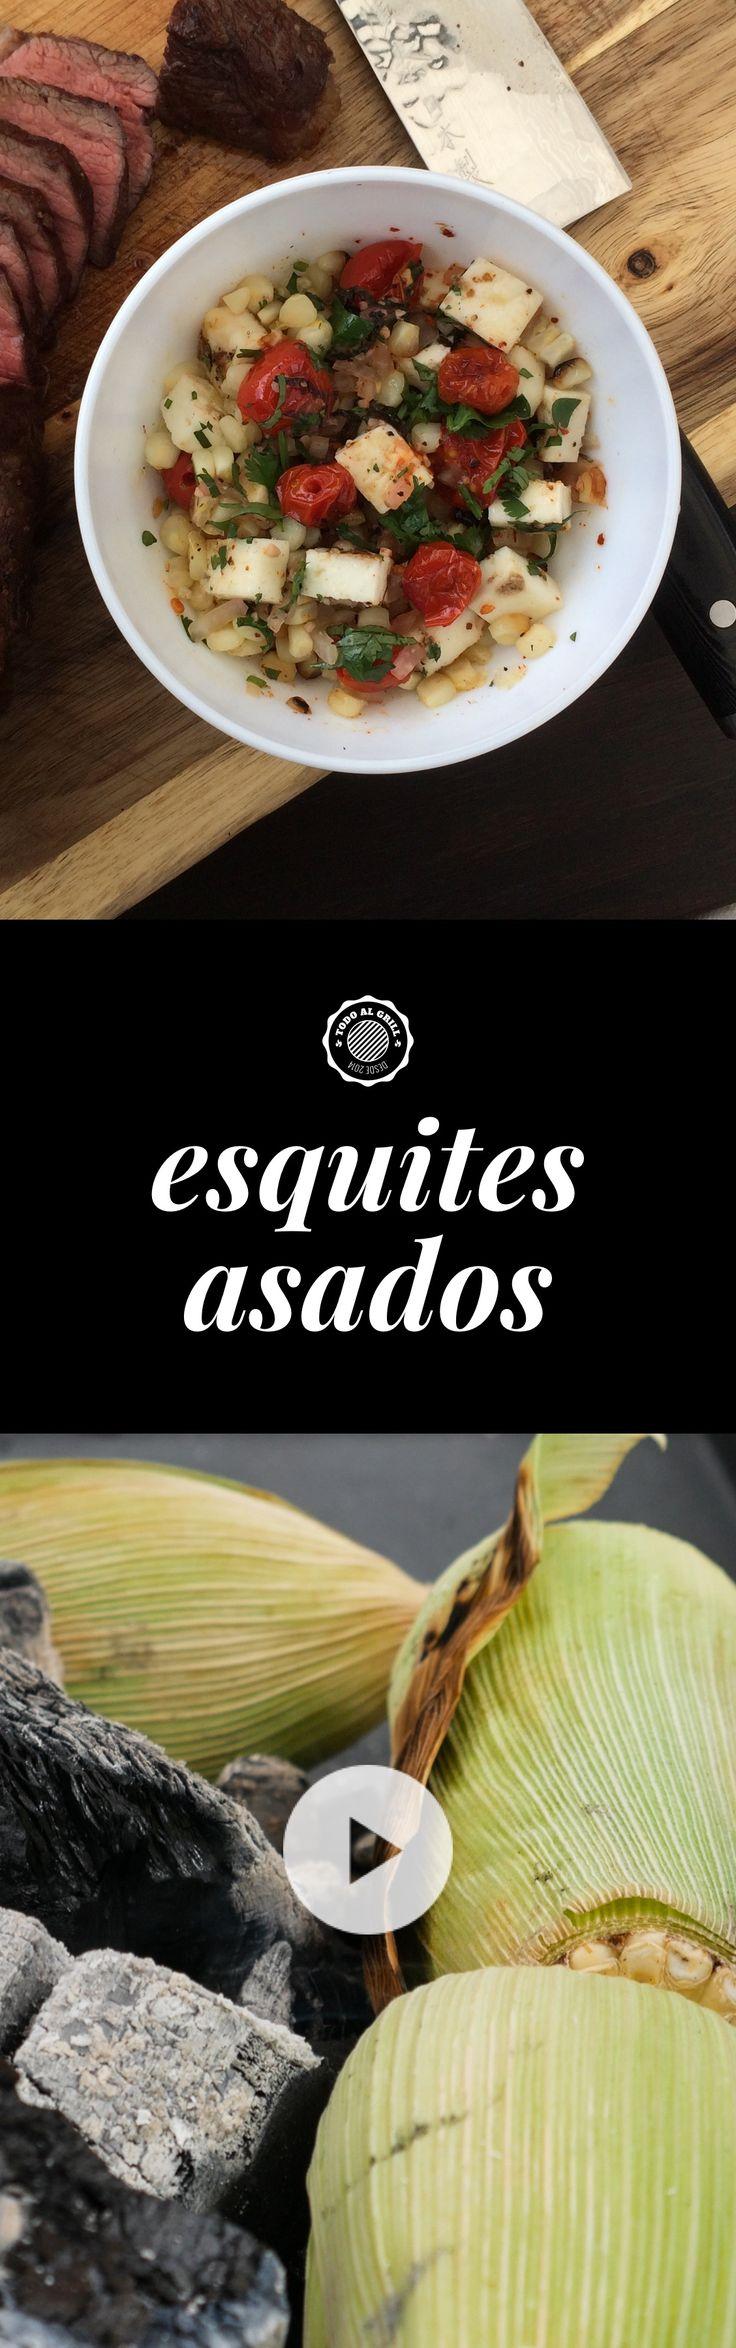 Esquites Asados. Los esquites son una botana tradicional mexicana hecha a base de granos de elote. Hay muchas variantes de sabor según la región. ¡Mira el video con la receta y prepáralos! Son ideales para acompañar una buena parrillada.